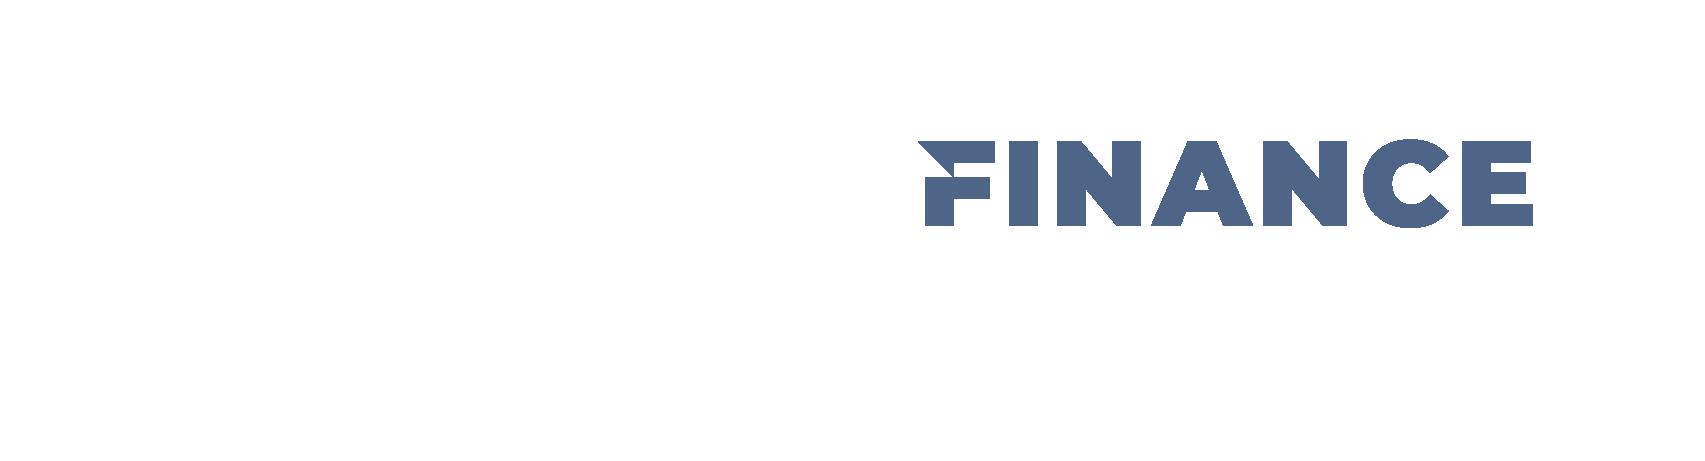 Mirabeau Finance